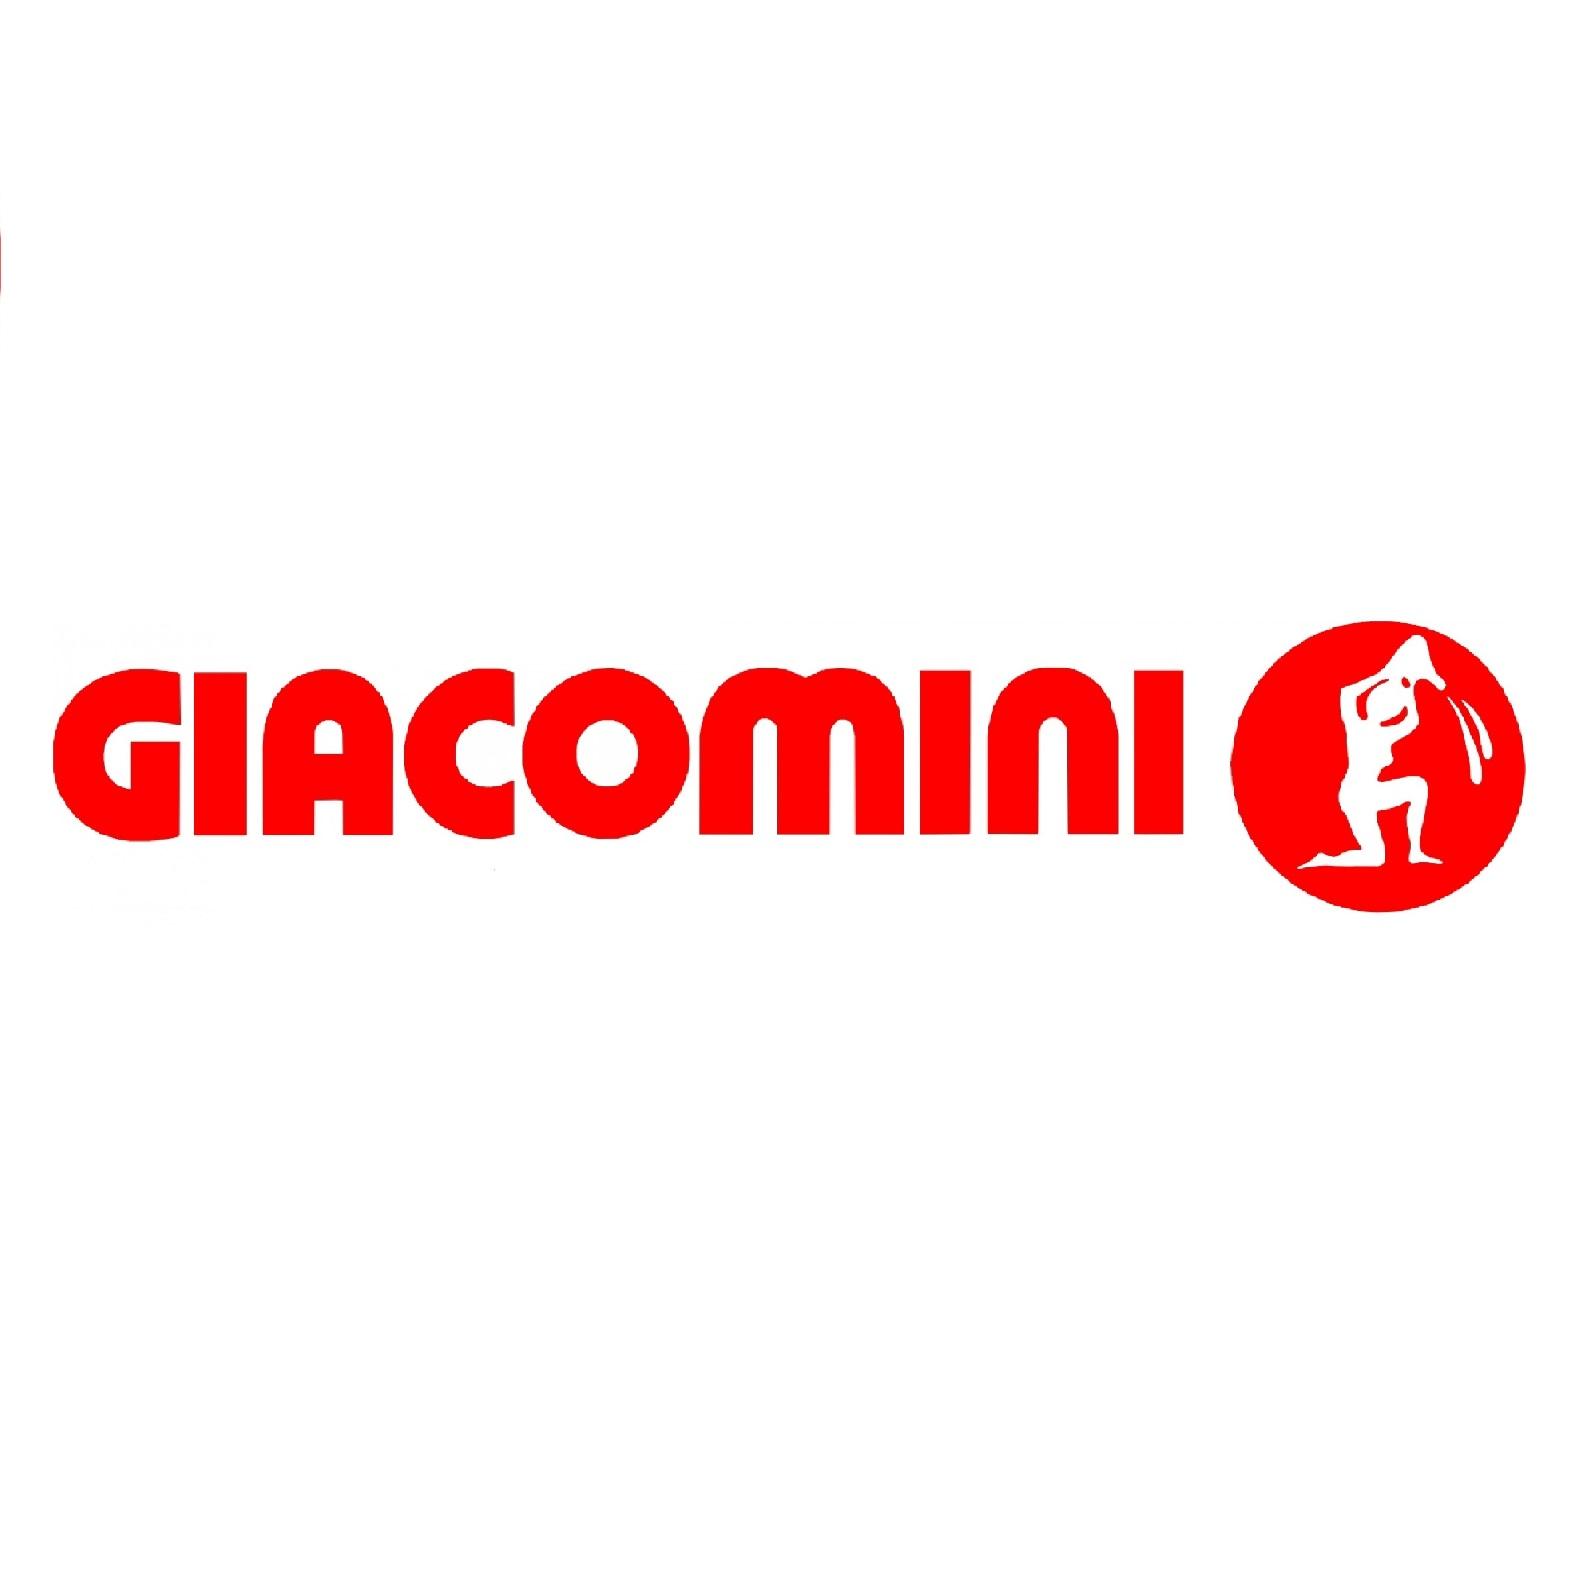 Giacomini.jpg